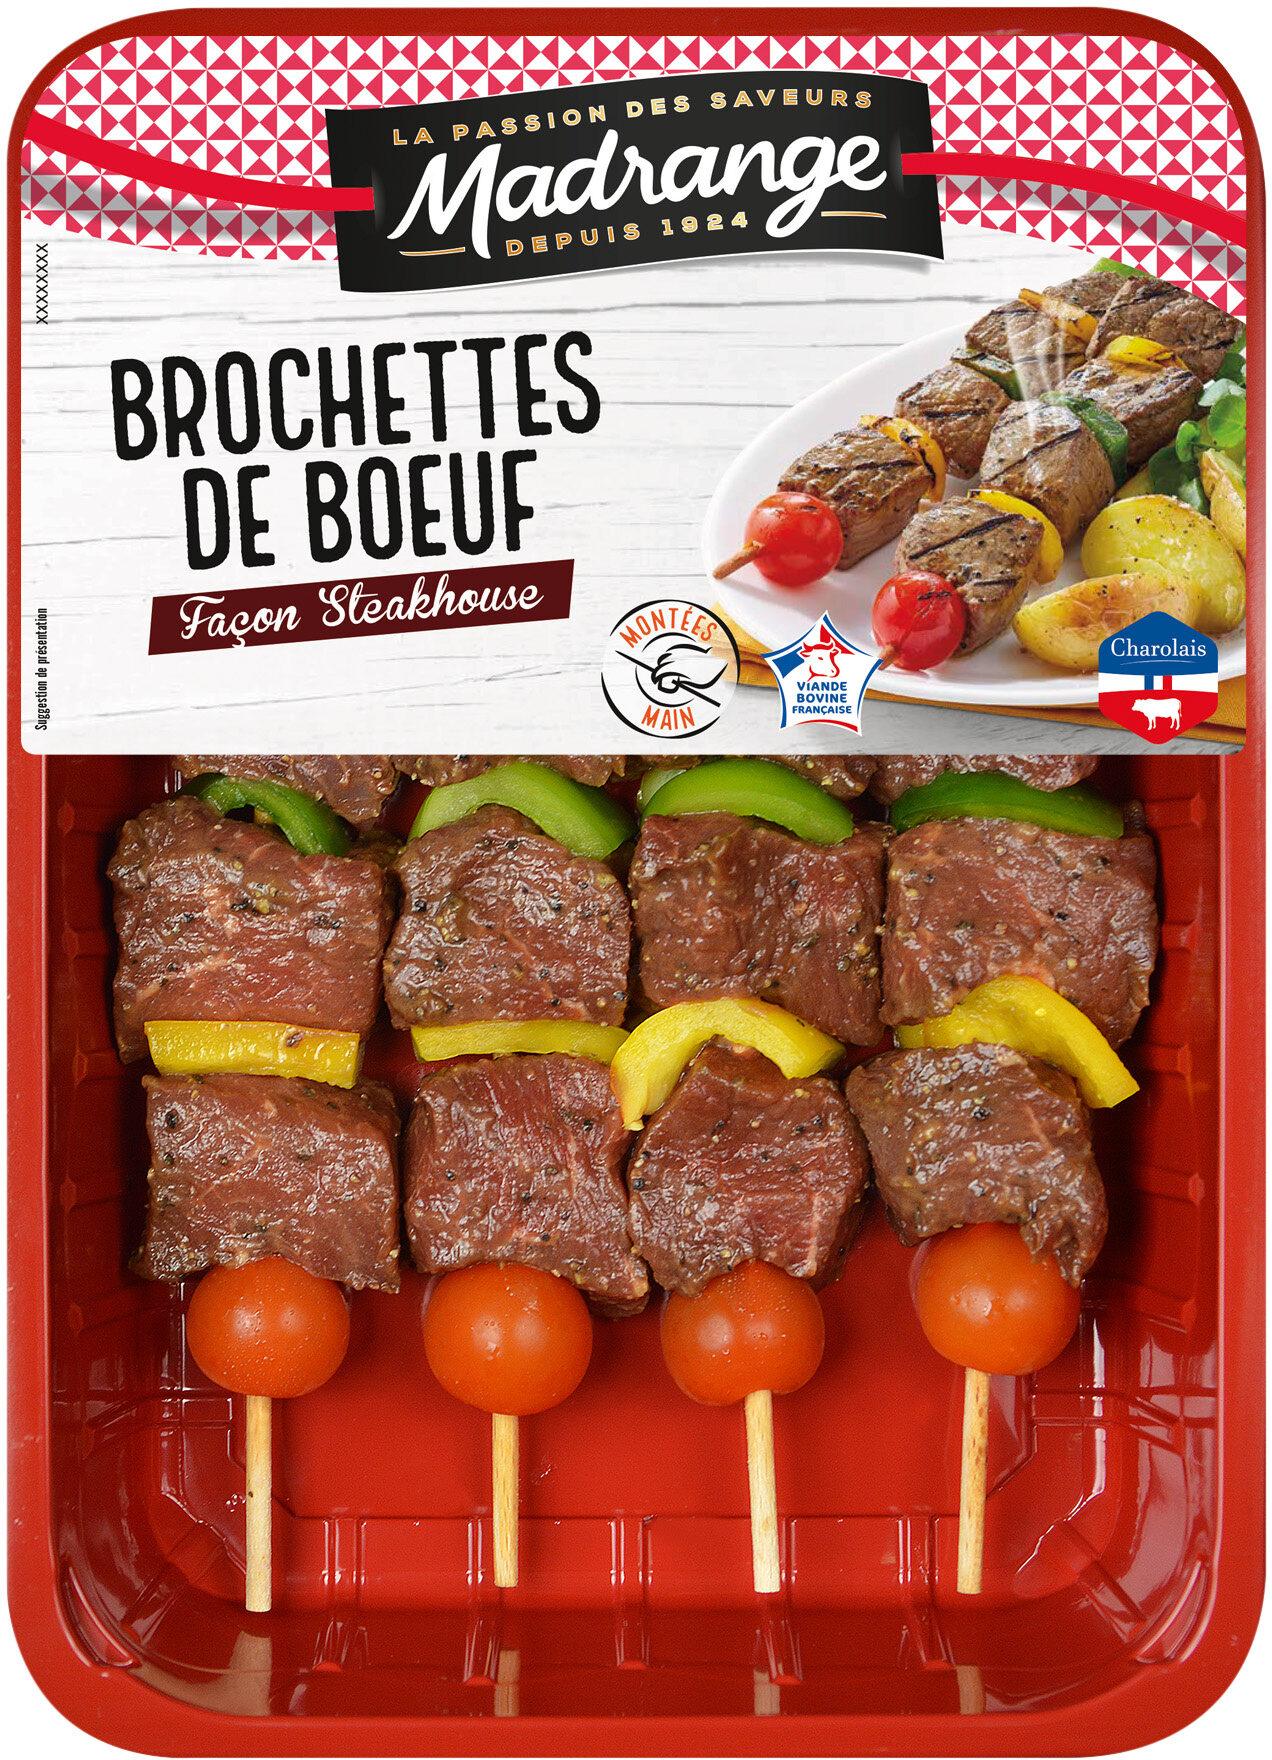 Brochettes de boeuf façon steakhouse - Product - fr